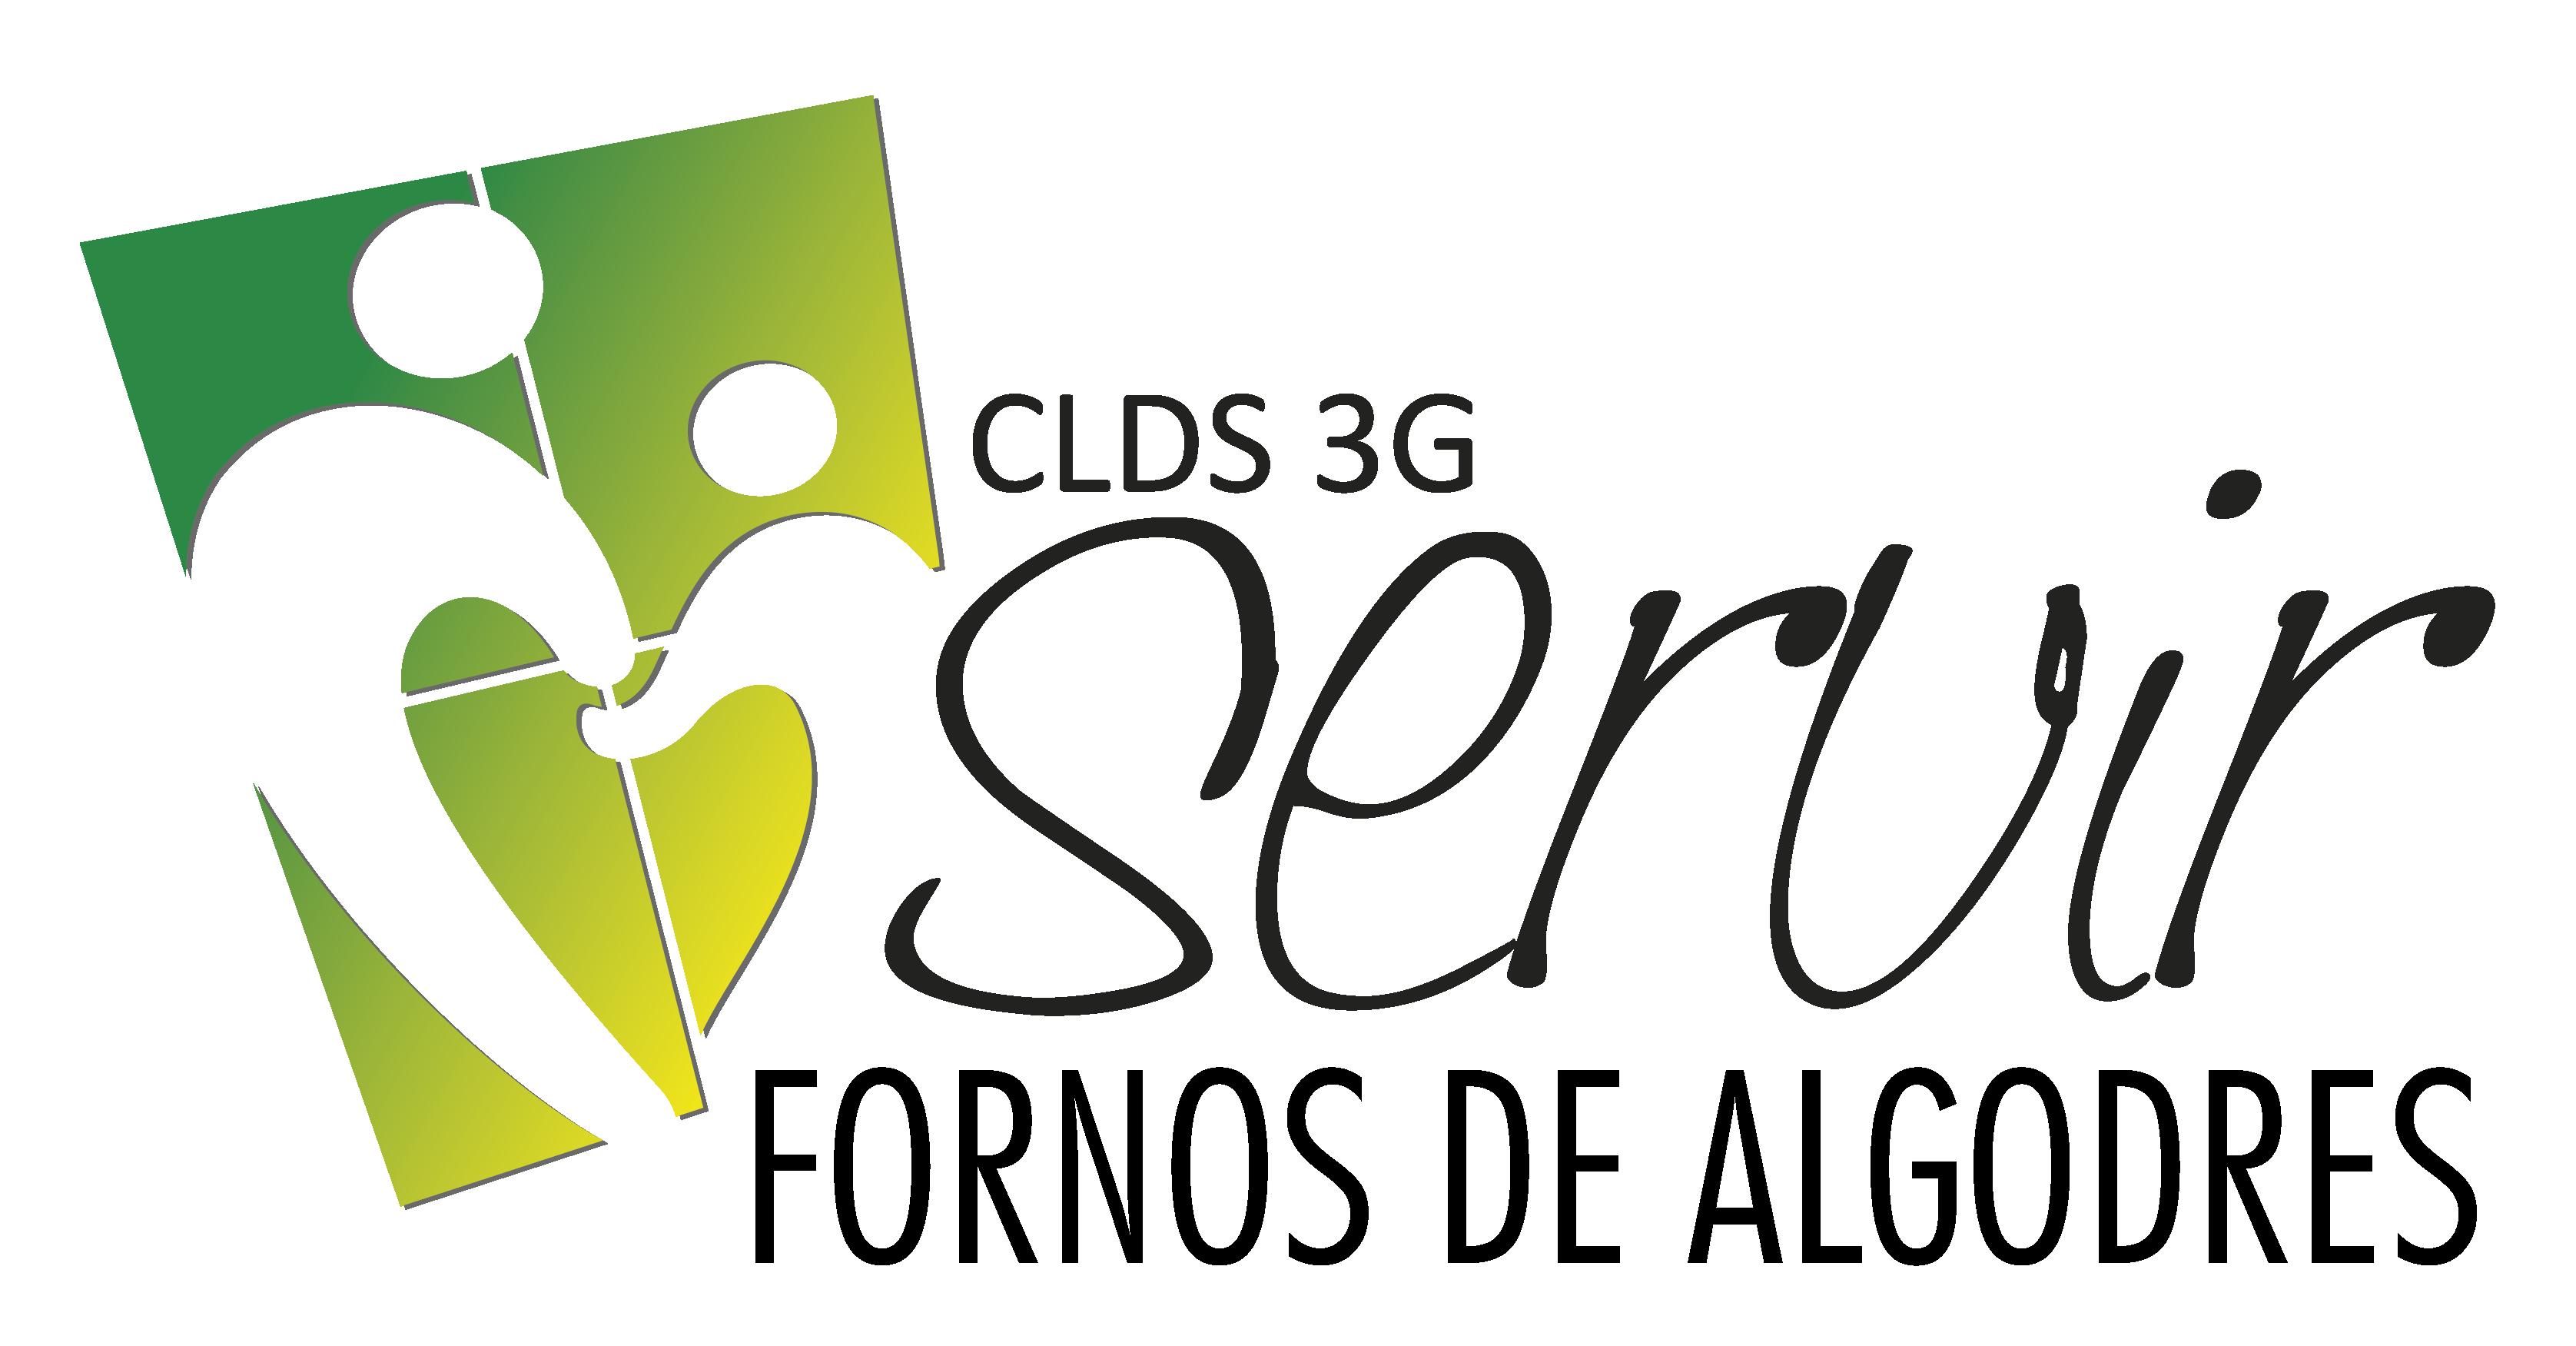 Logo CLDS servir Fornos de Algodres